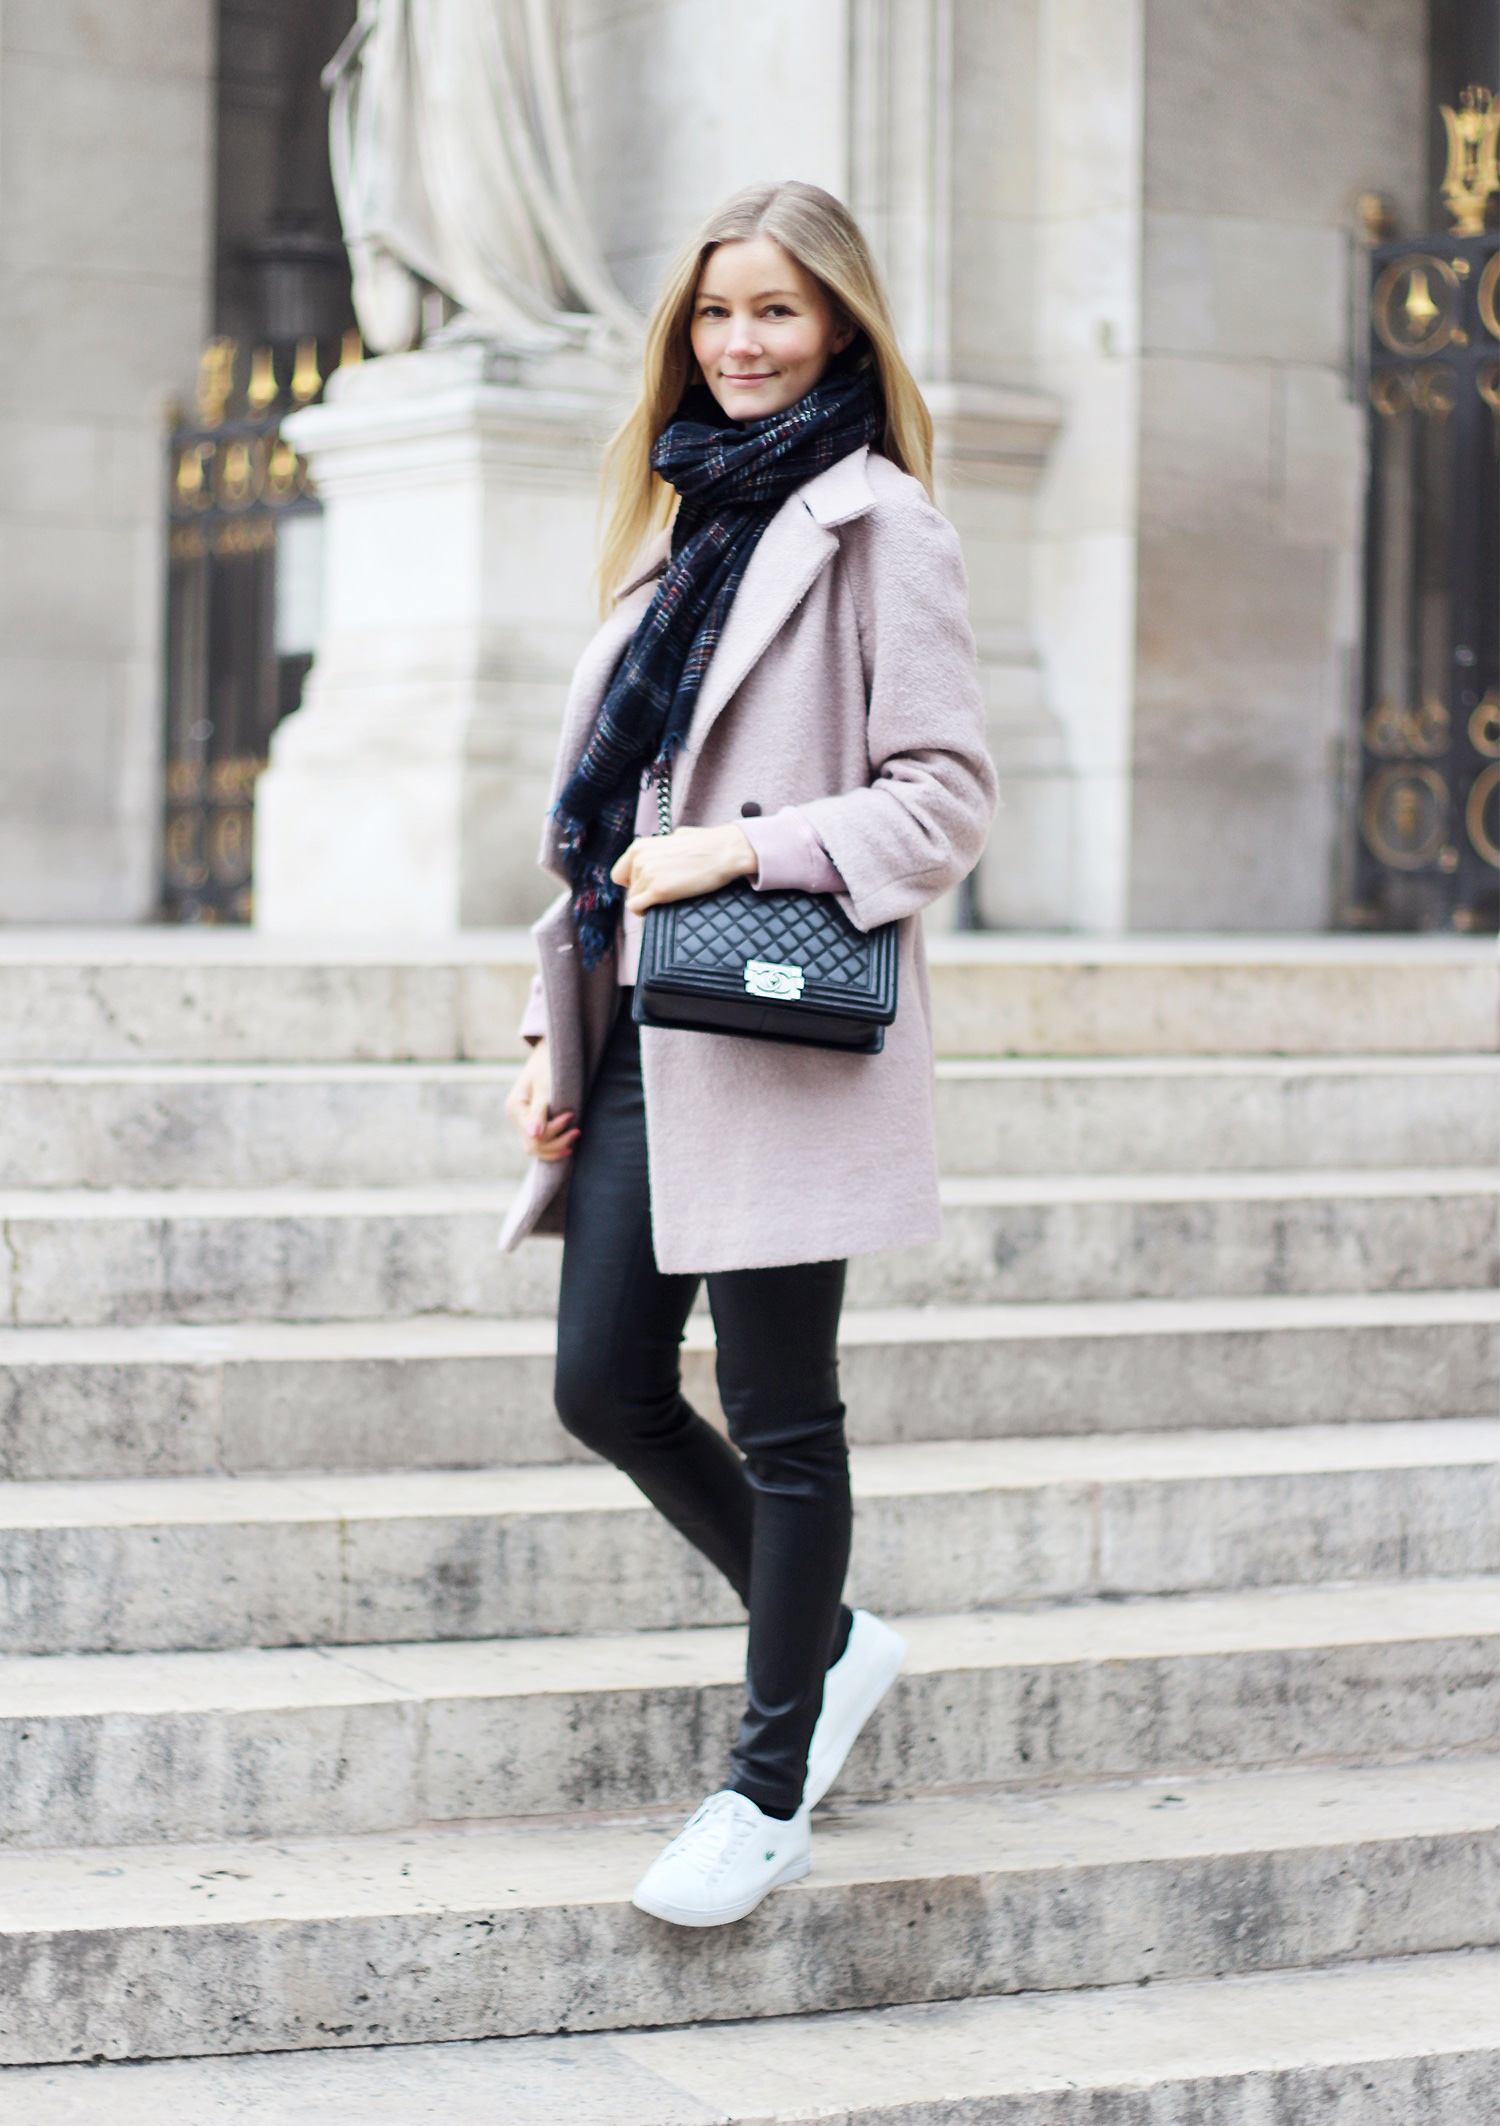 chanel-outfit-paris@2x